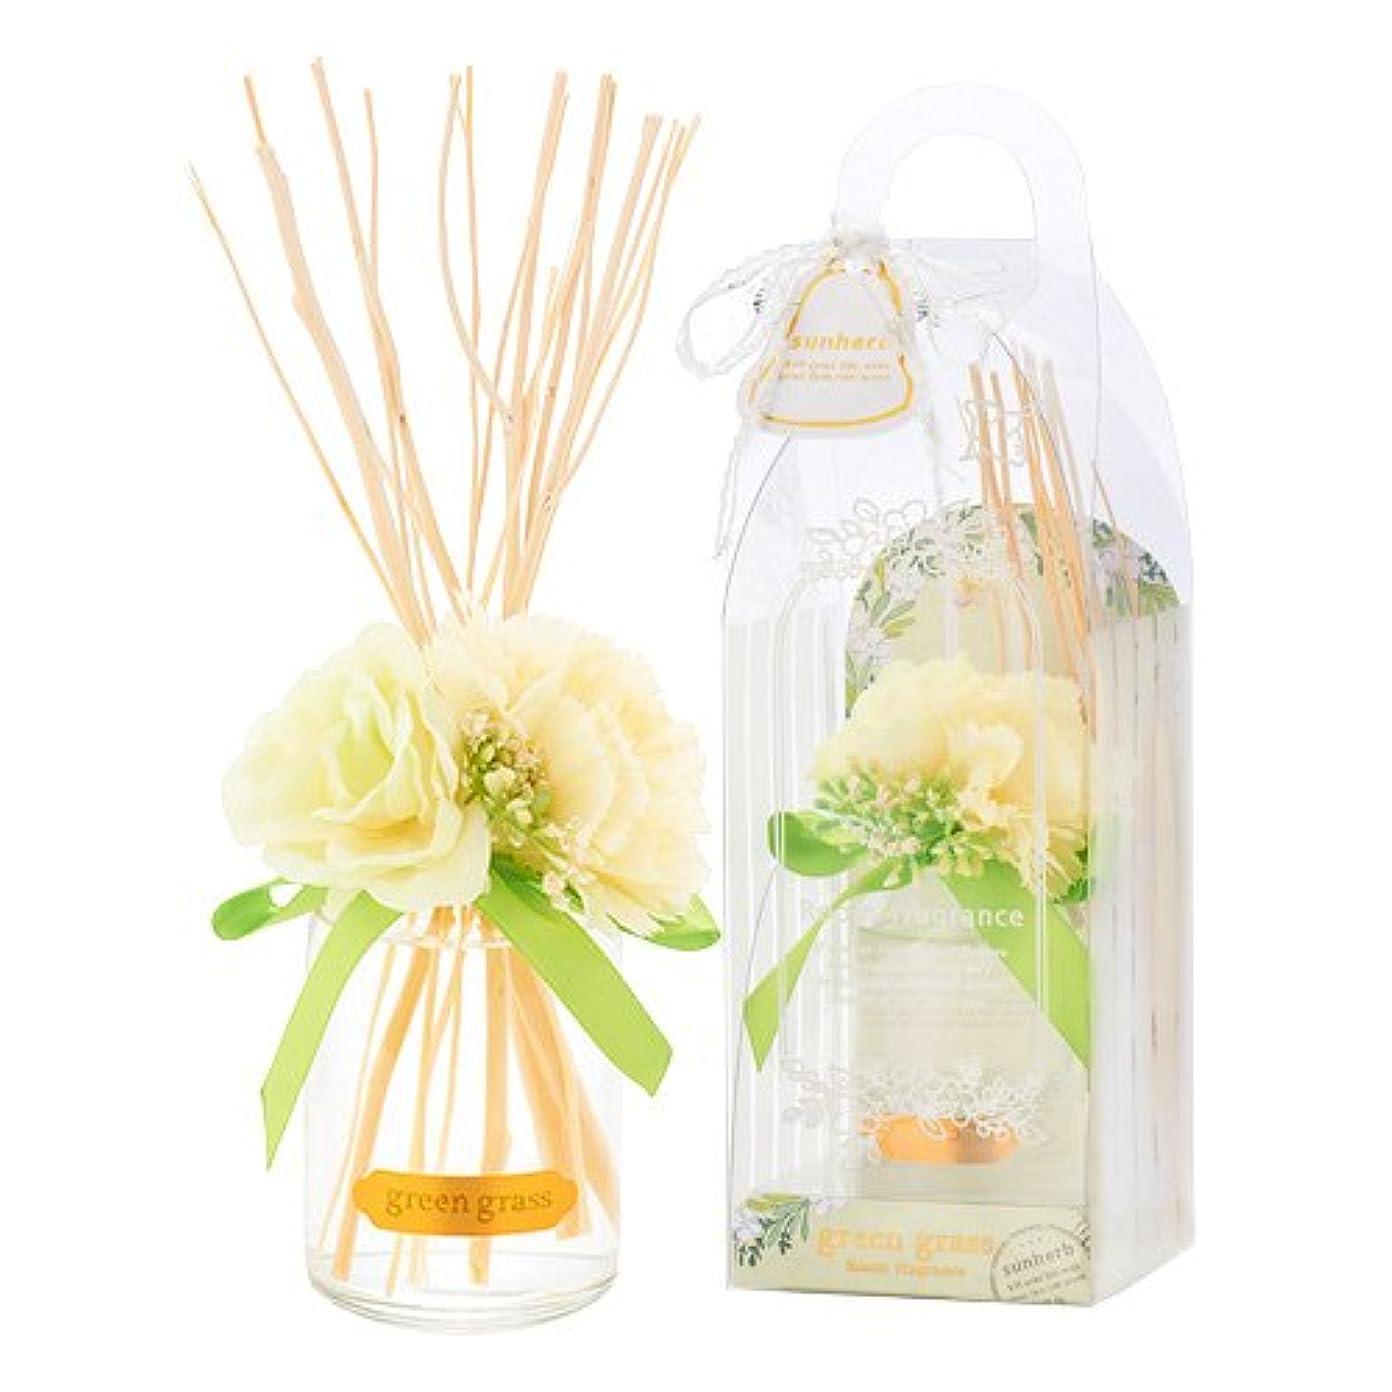 サンハーブ ルームフレグランスフラワー グリーングラス 100ml(芳香剤 花かざり付 爽やかでちょっと大人の香り)